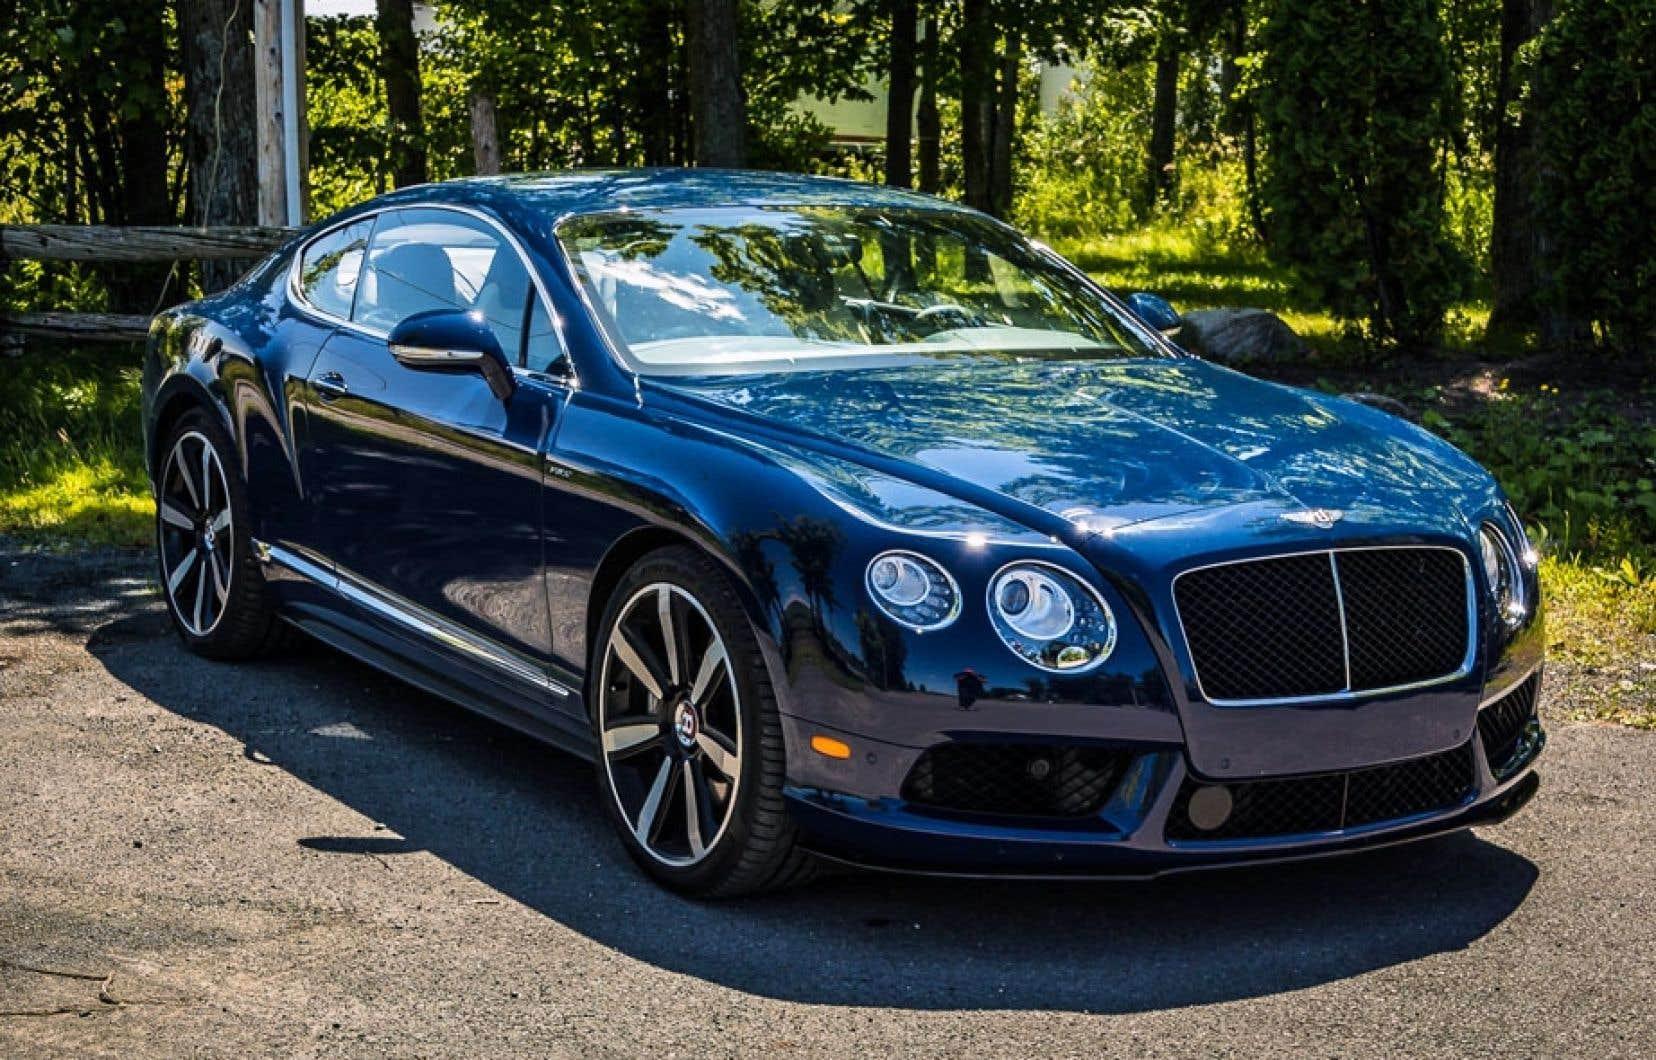 Même si sa carrosserie est la même, ou presque, depuis 2003, la plus vendue des Bentley demeure une des plus belles voitures de l'industrie automobile et porte dignement le nom de sa glorieuse ancêtre.